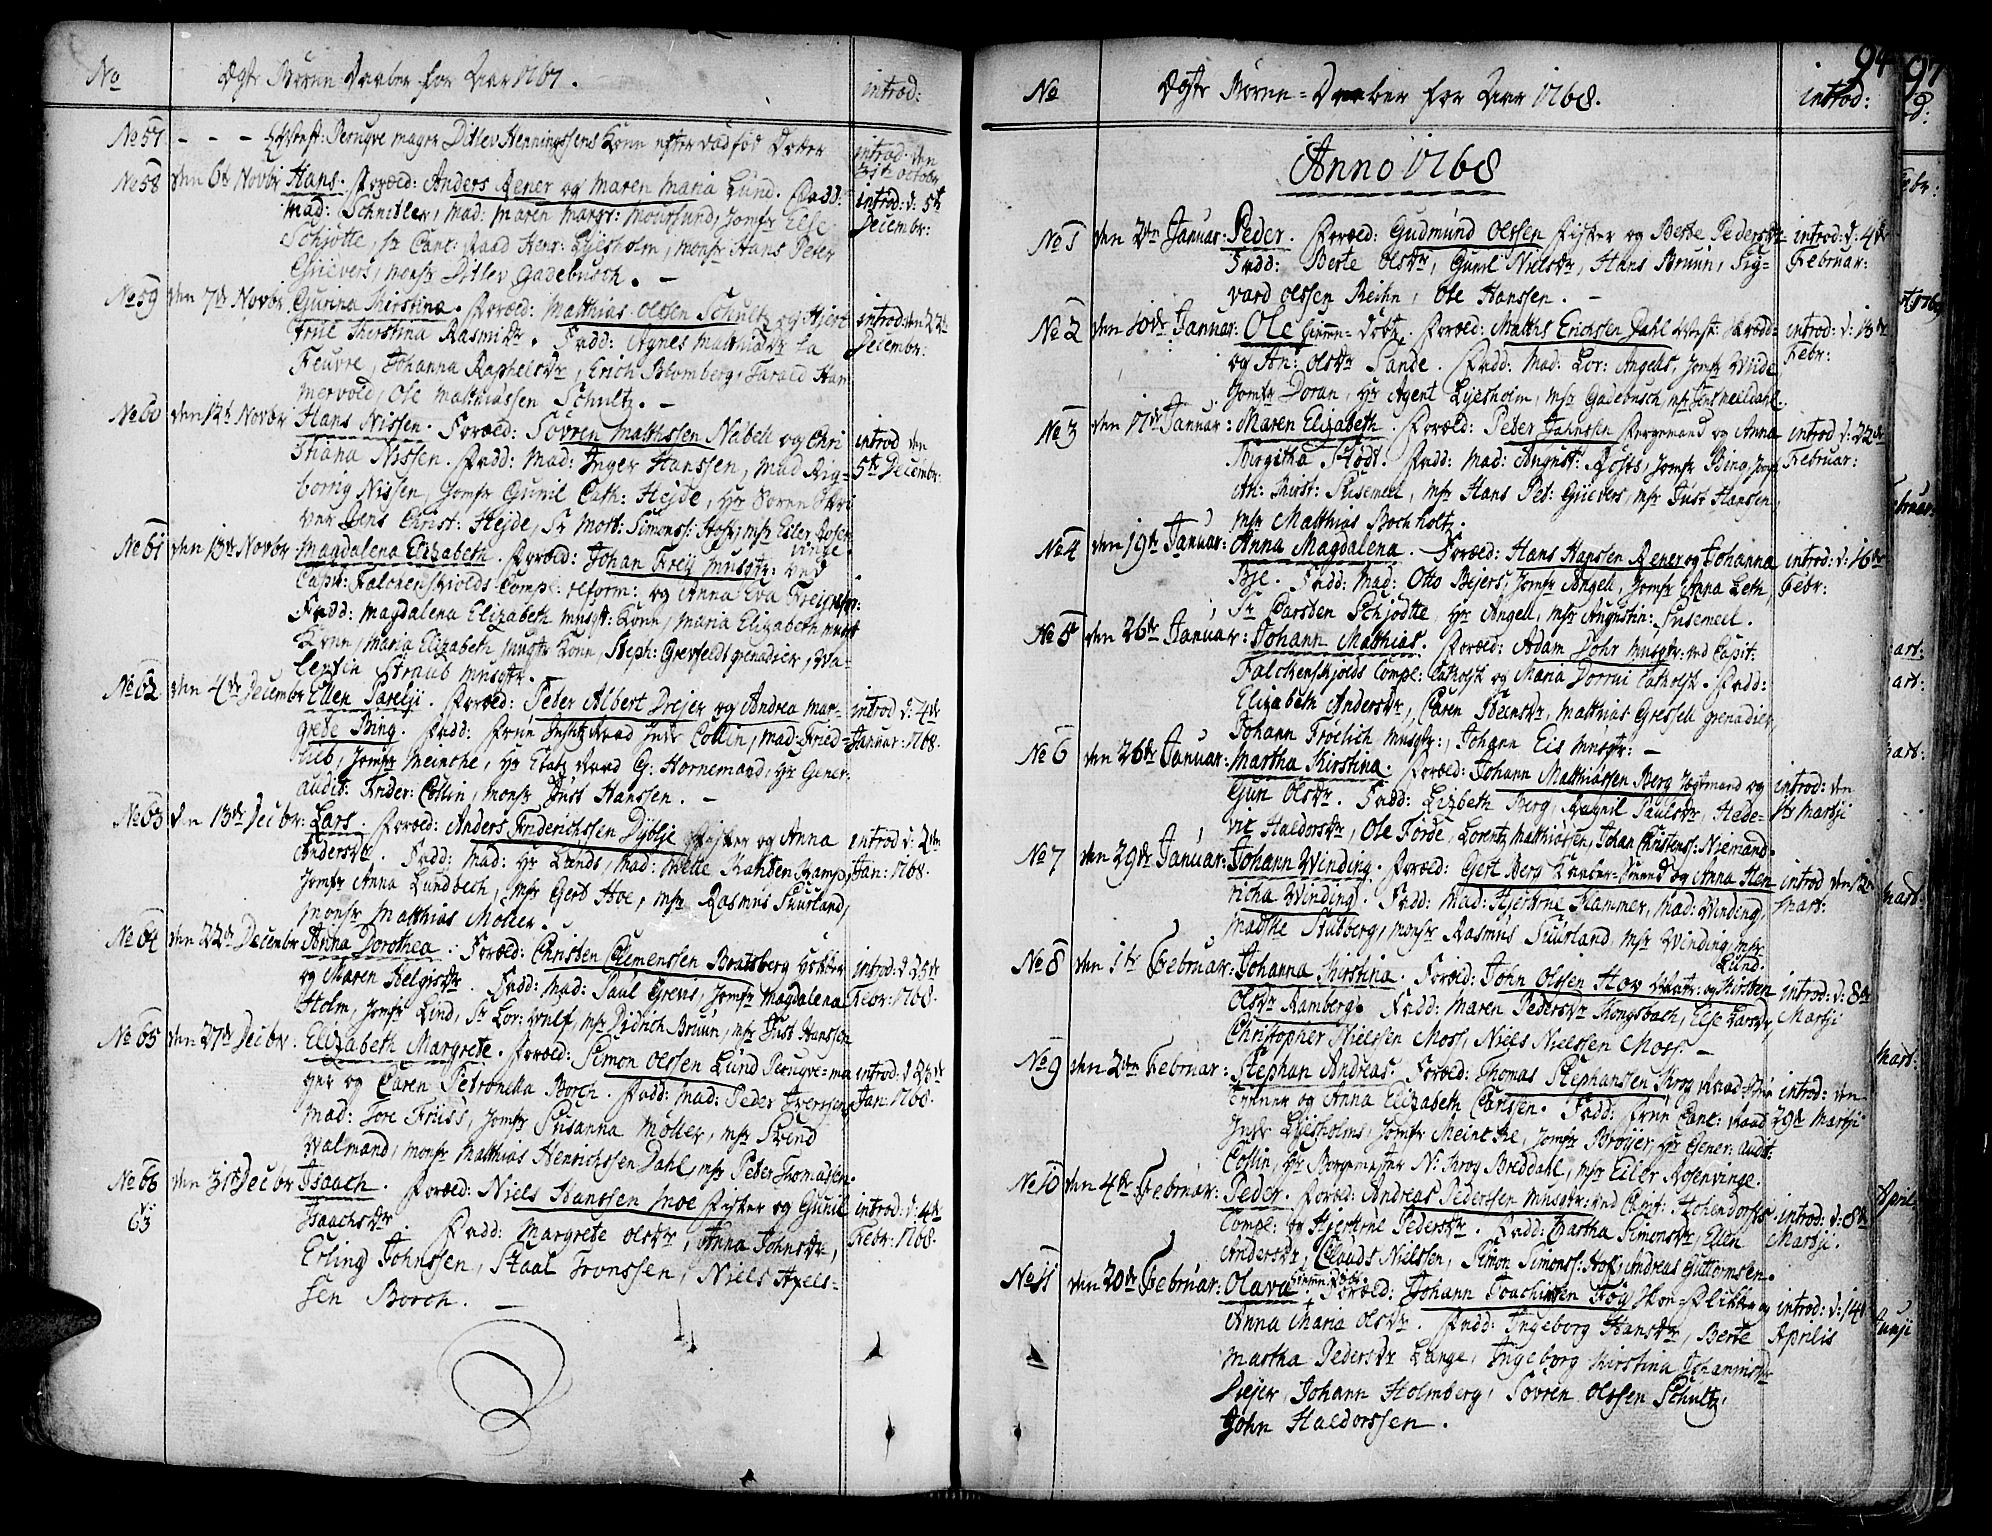 SAT, Ministerialprotokoller, klokkerbøker og fødselsregistre - Sør-Trøndelag, 602/L0103: Ministerialbok nr. 602A01, 1732-1774, s. 94